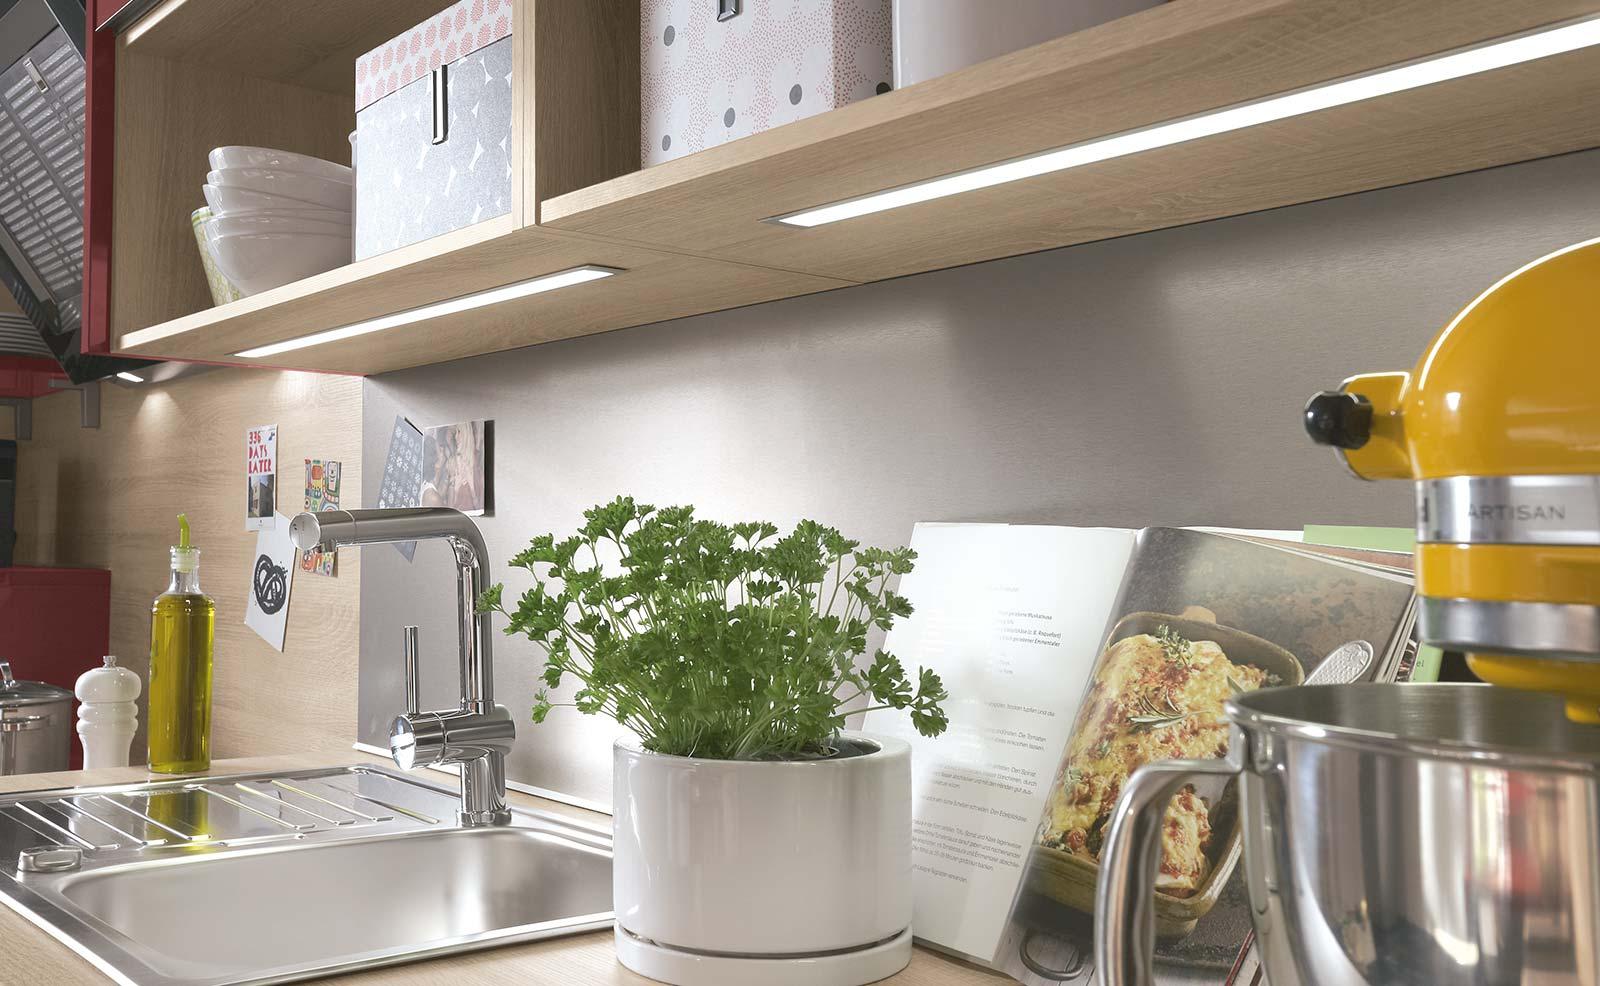 Groß Led Küche Einbauleuchten Ideen - Ideen Für Die Küche Dekoration ...